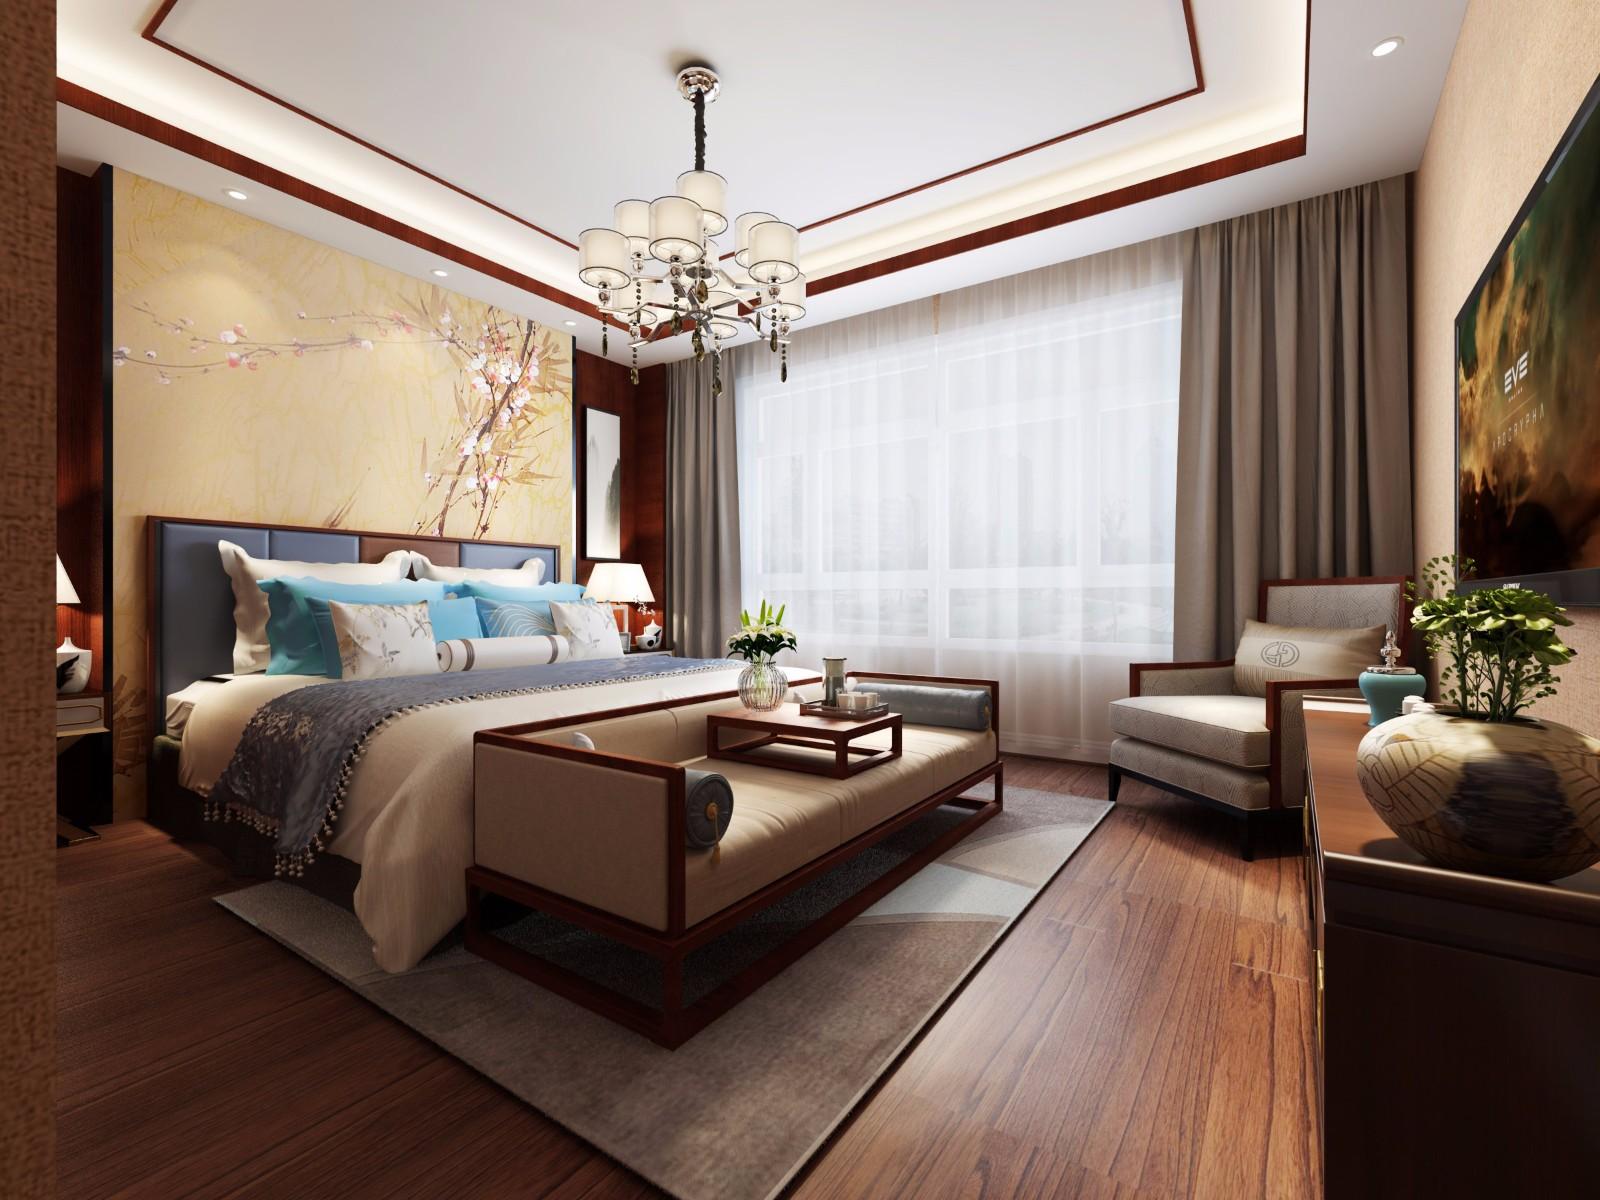 现代中式风格卧室装修效果图